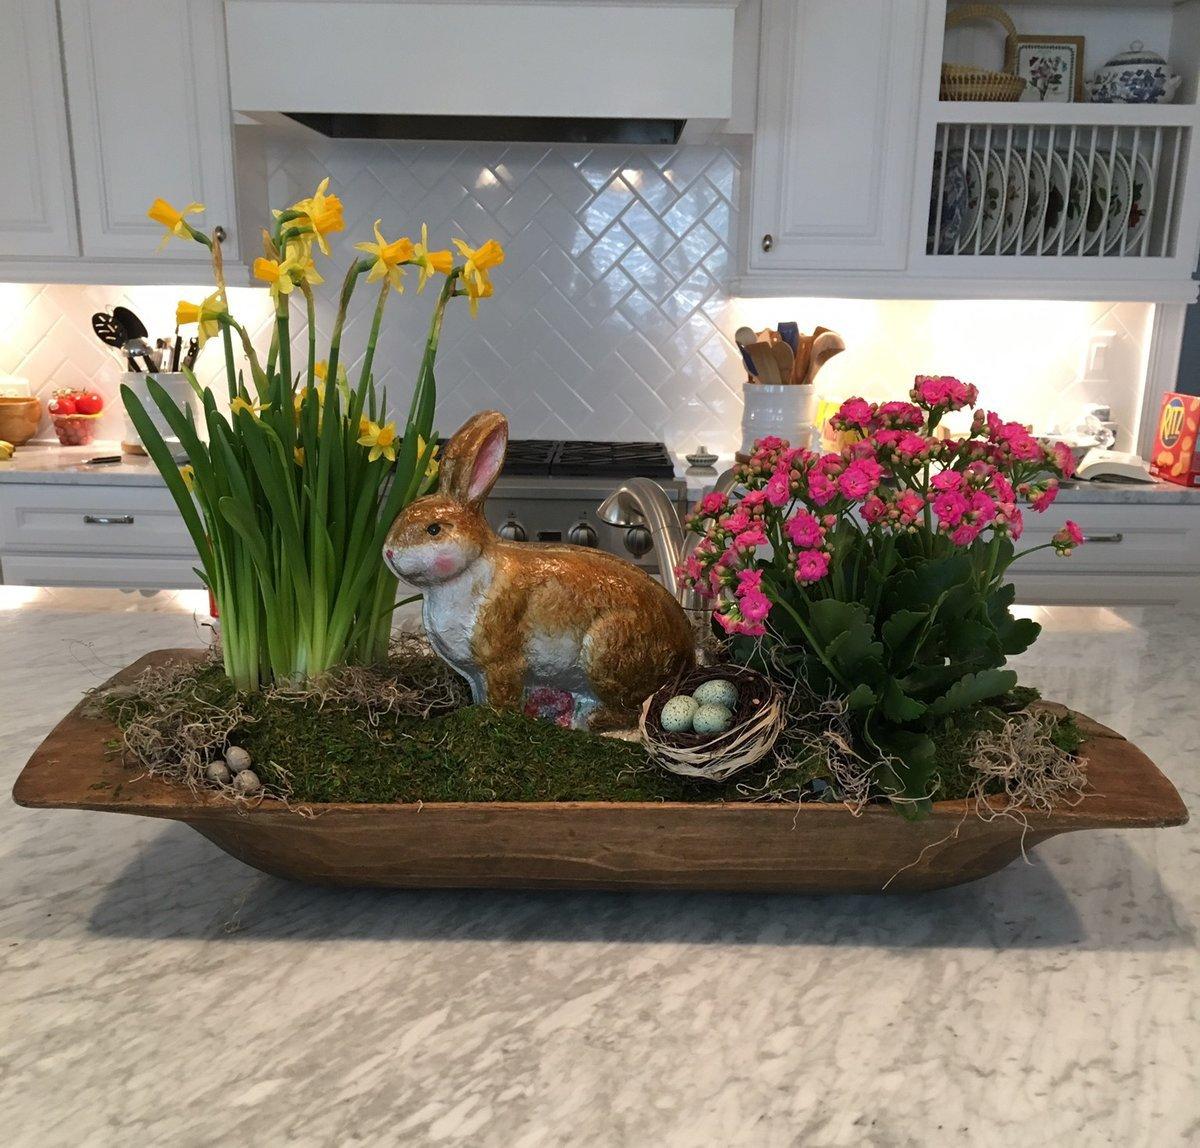 spring decor, spring decor ideas, easter decor, dough bowl, dough bowl seasonal decor, dough bowl spring decor, dough bowl easter decor